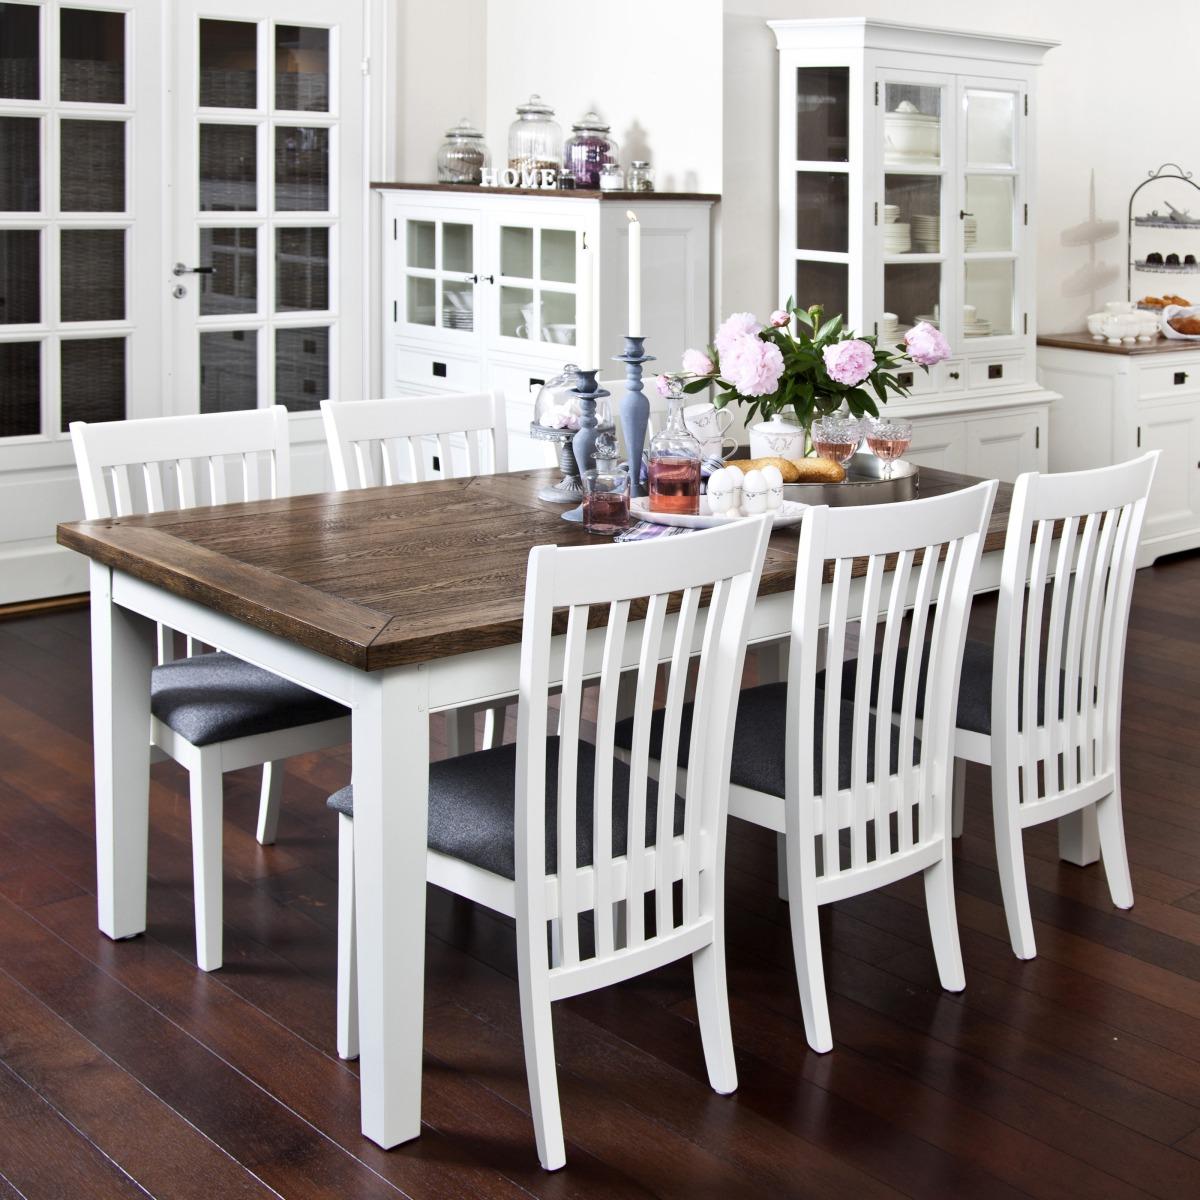 Kok Ek Vit : kok ek och vitt  med butterflyskiva Vit ek + stolar 11795 kr